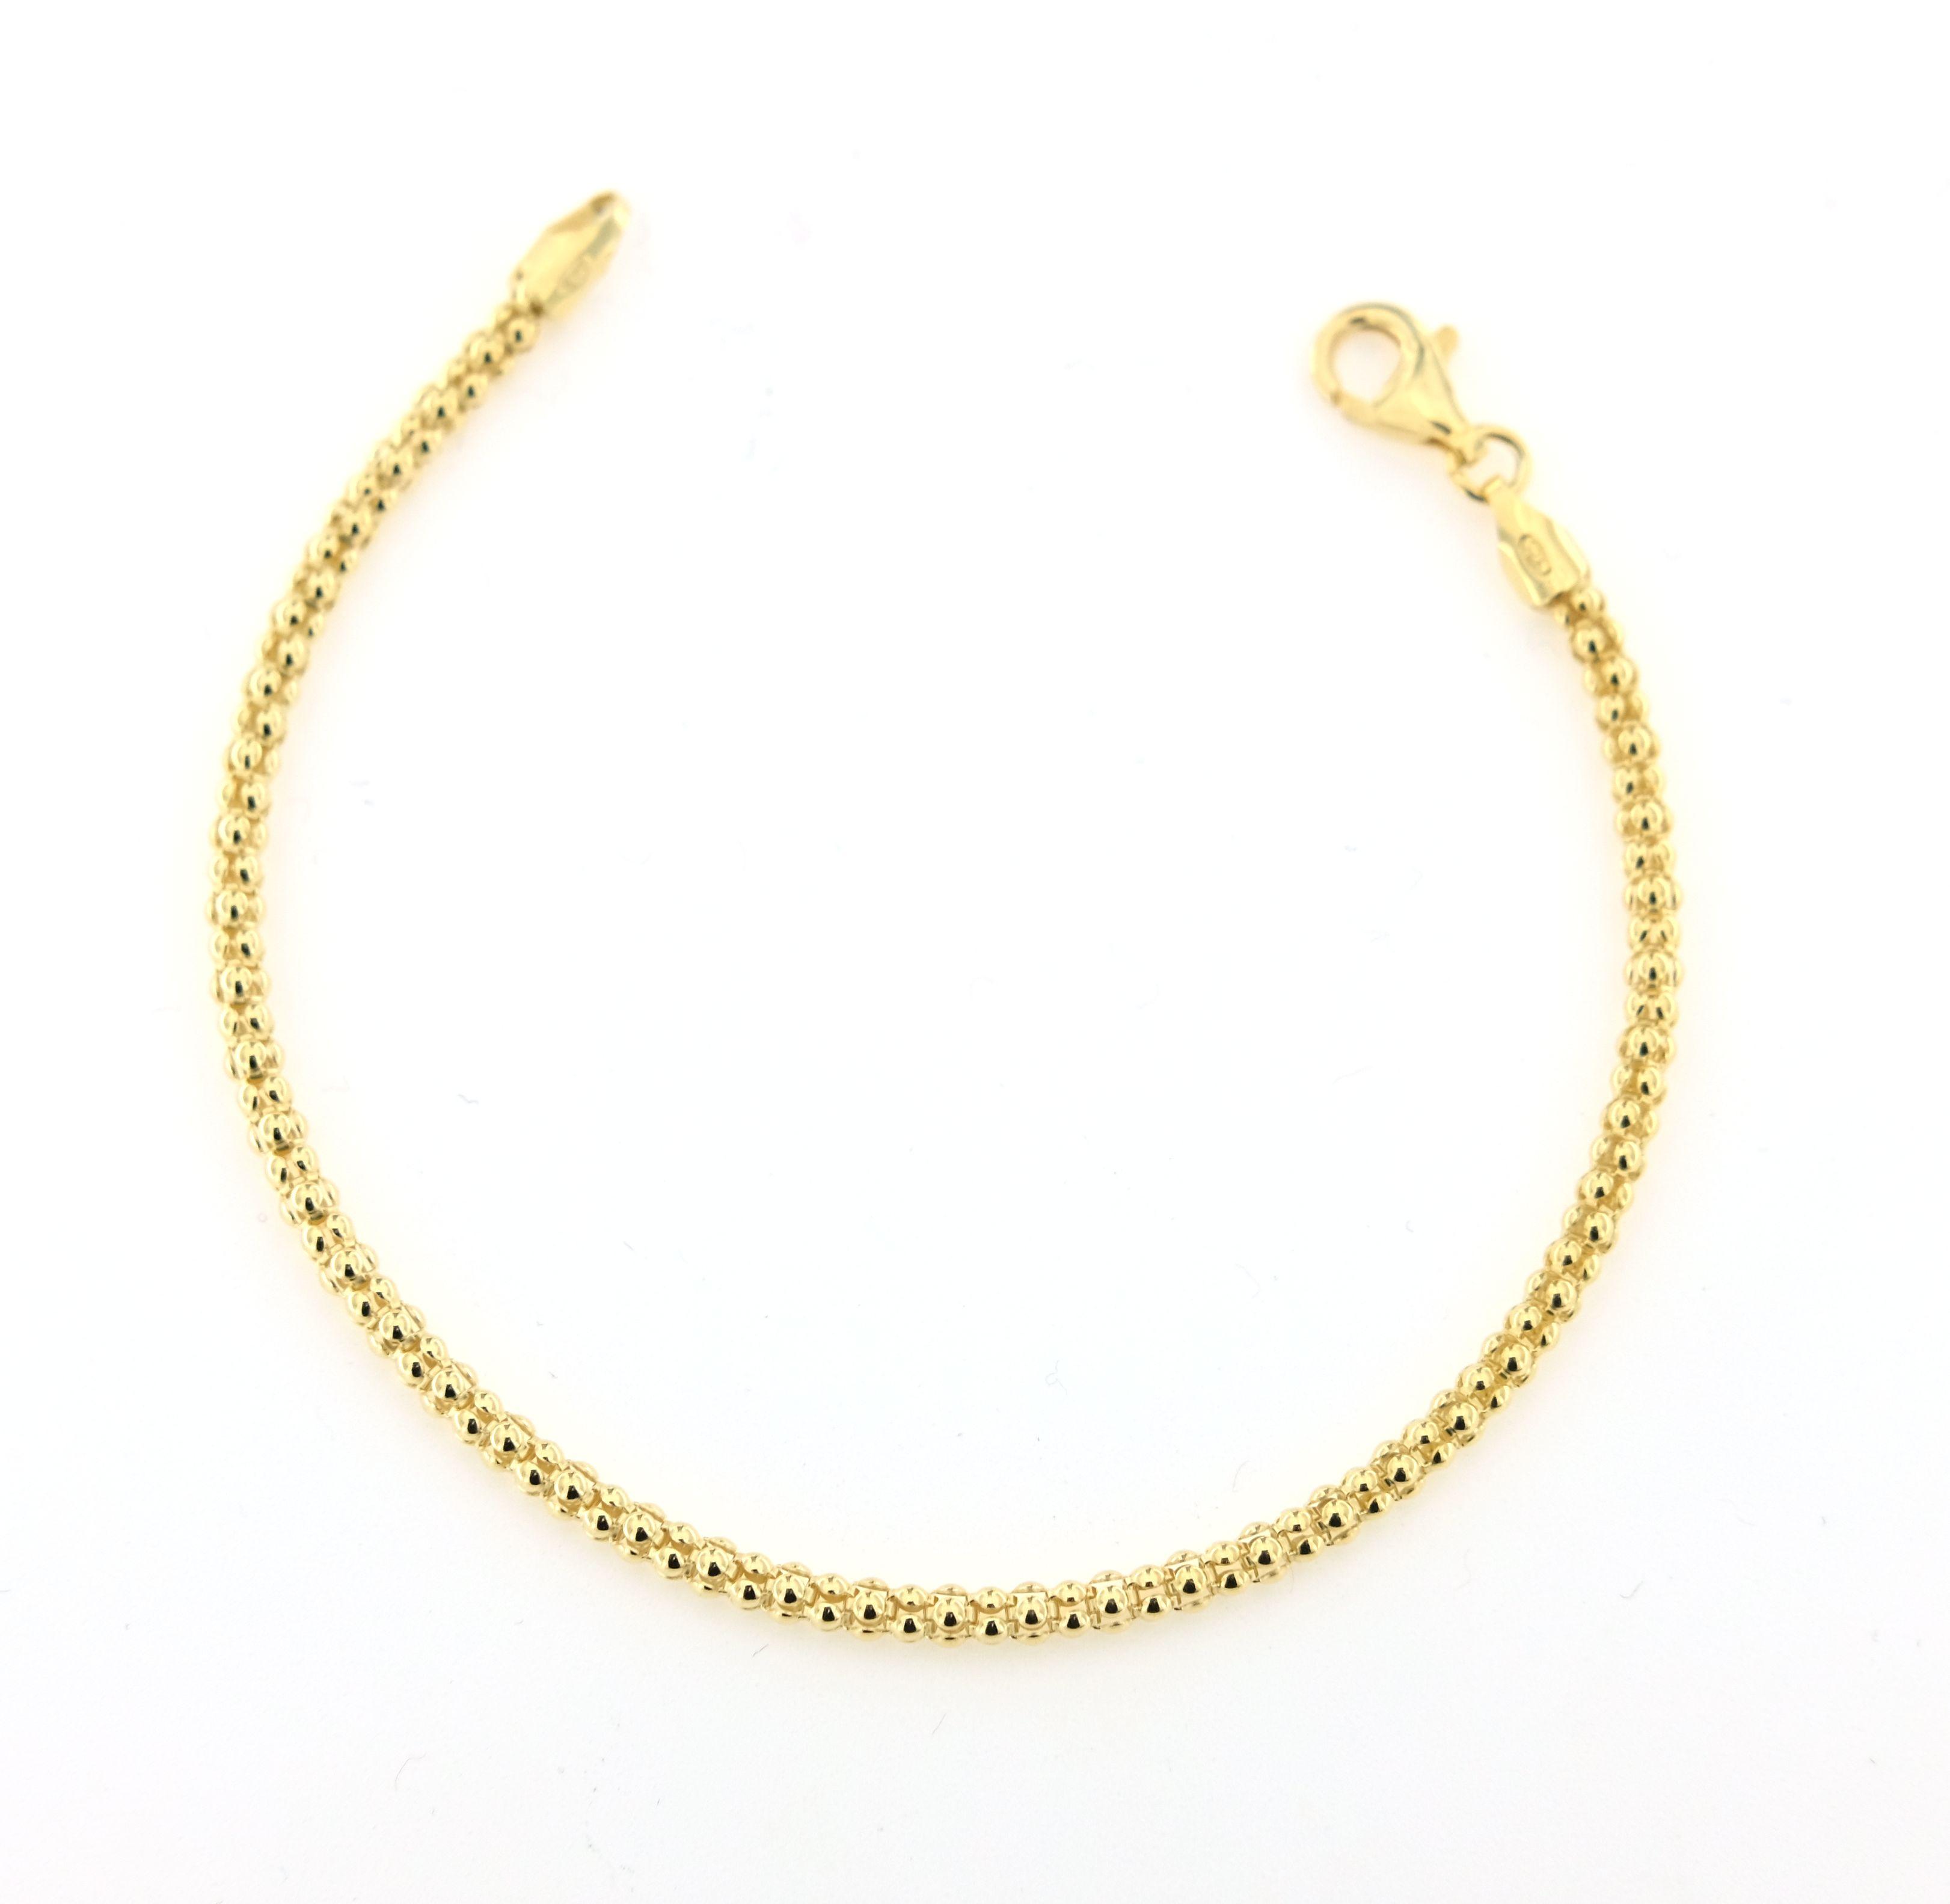 adatto a uomini/donne brillante nella lucentezza bello economico Bracciale PaciGioielli fope in argento galvanica oro